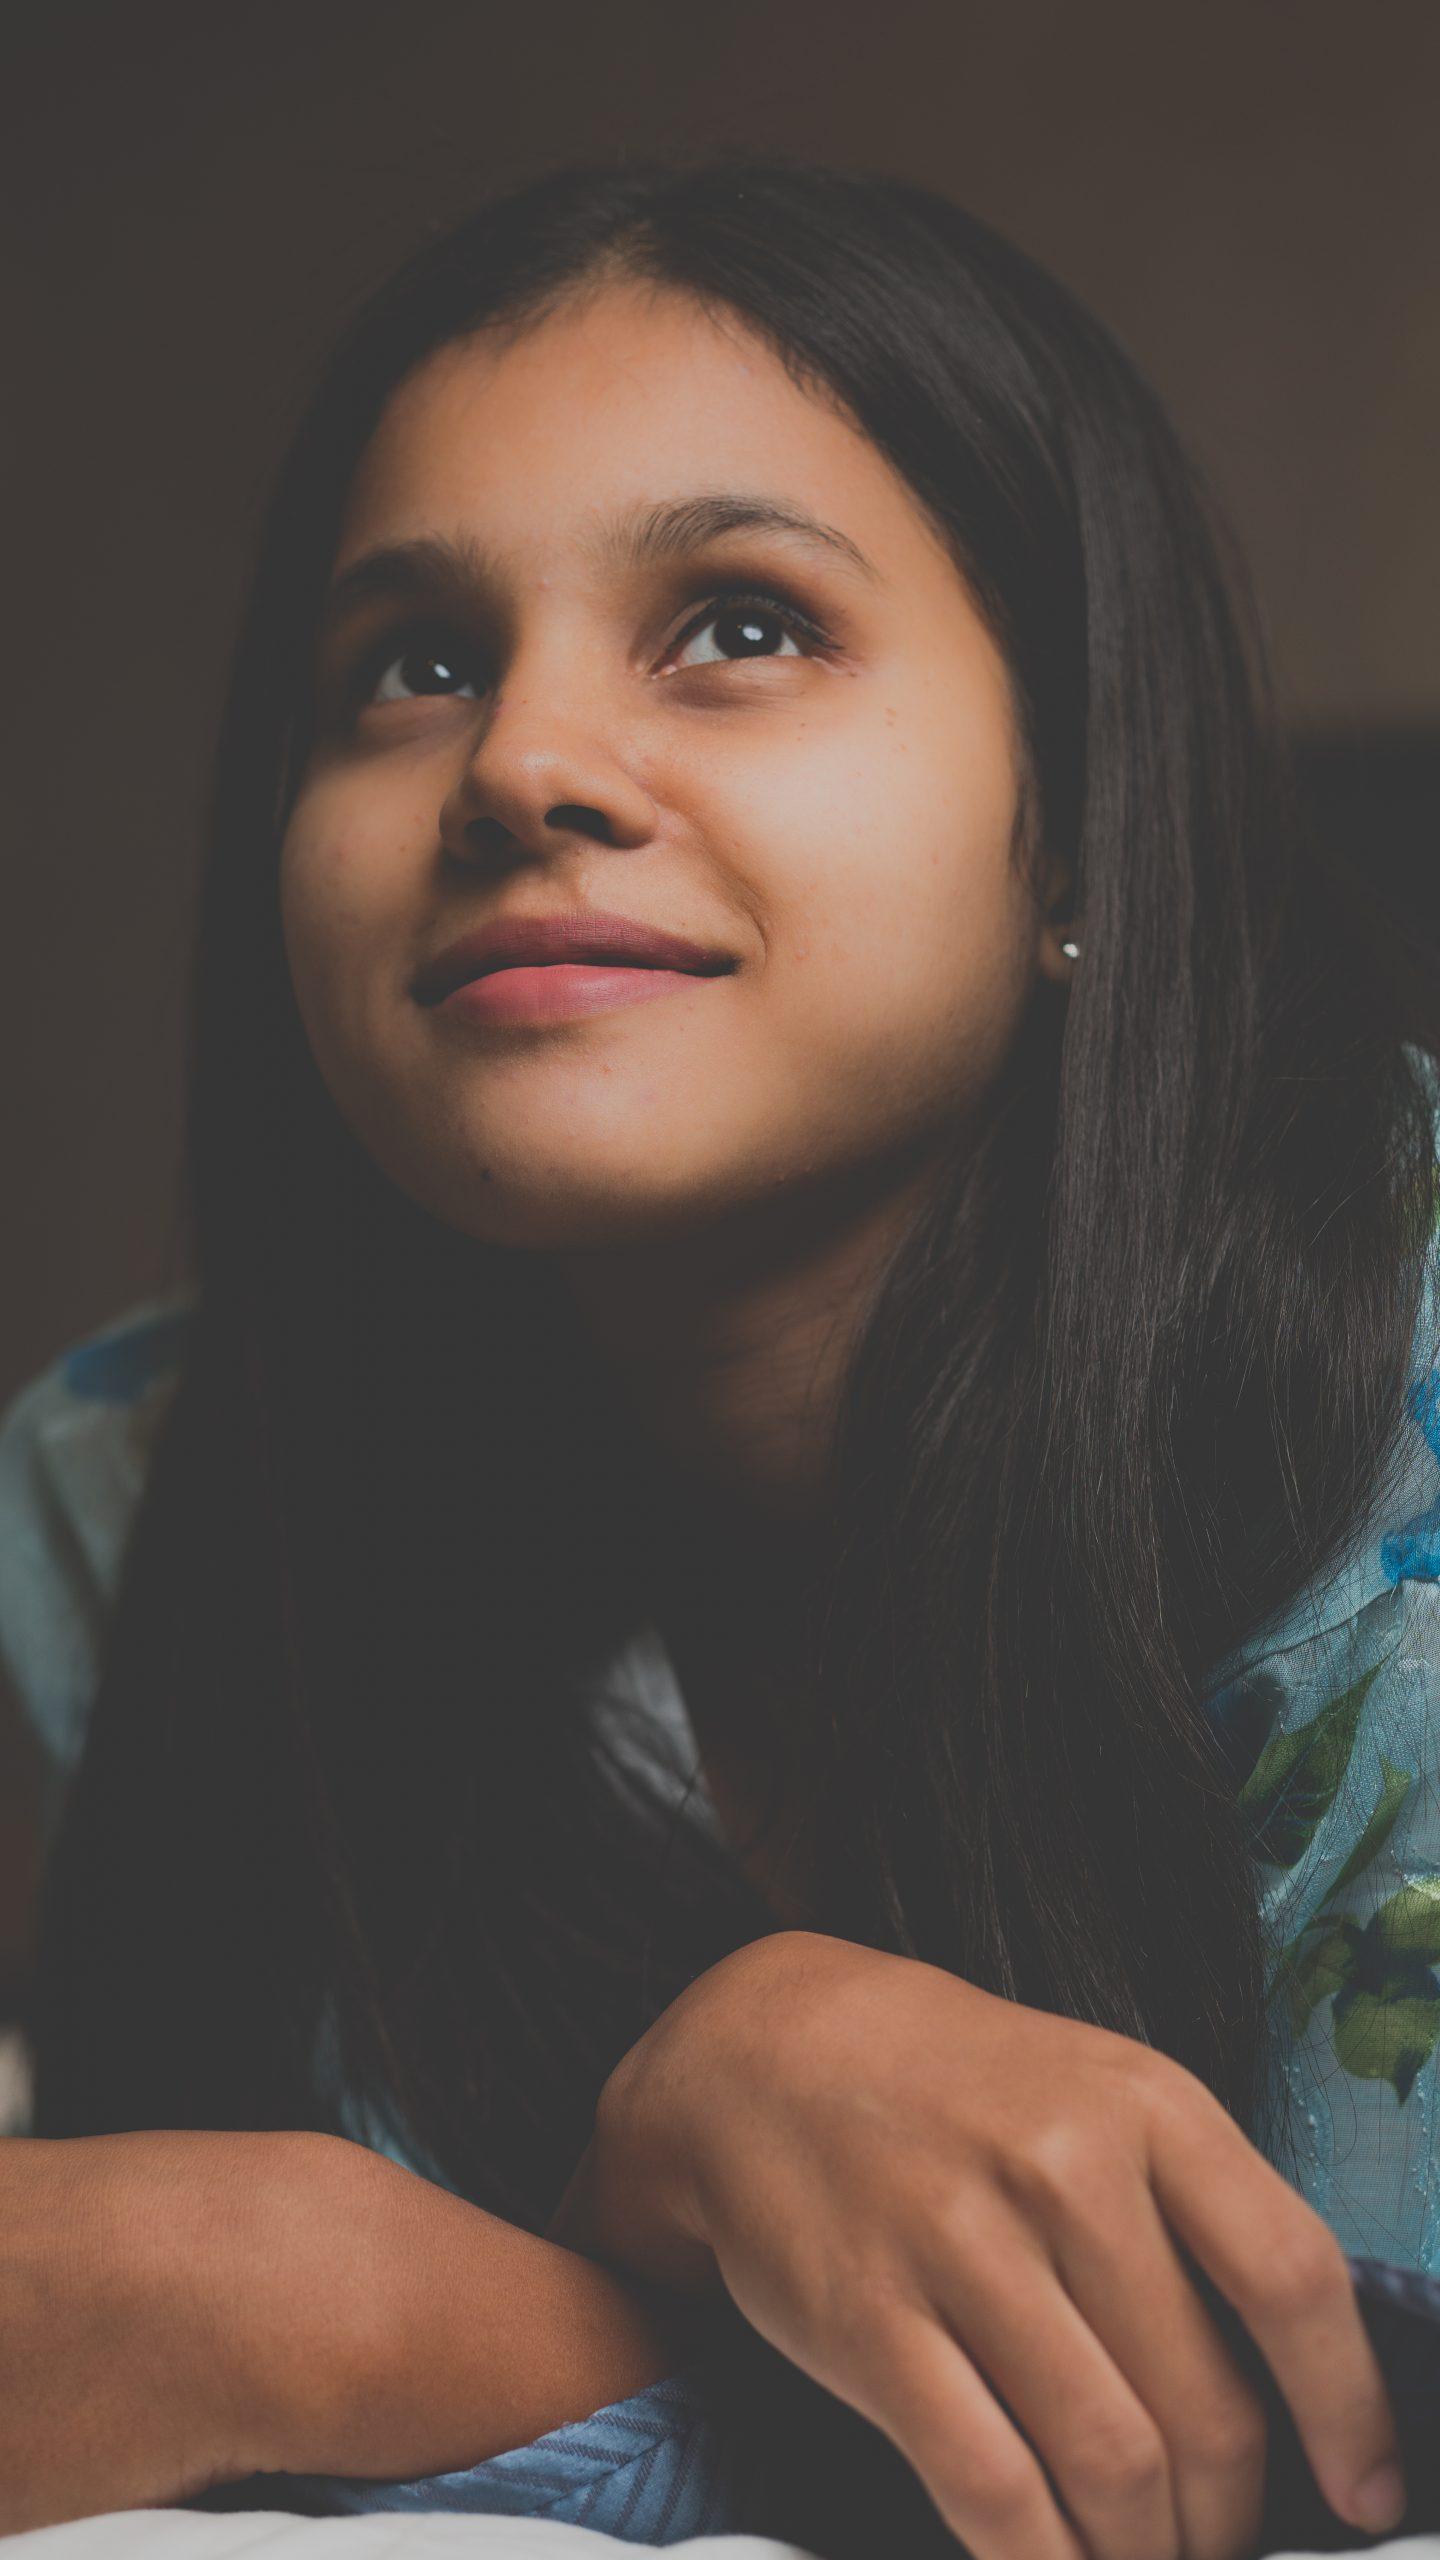 Stylish girl posing while smiling